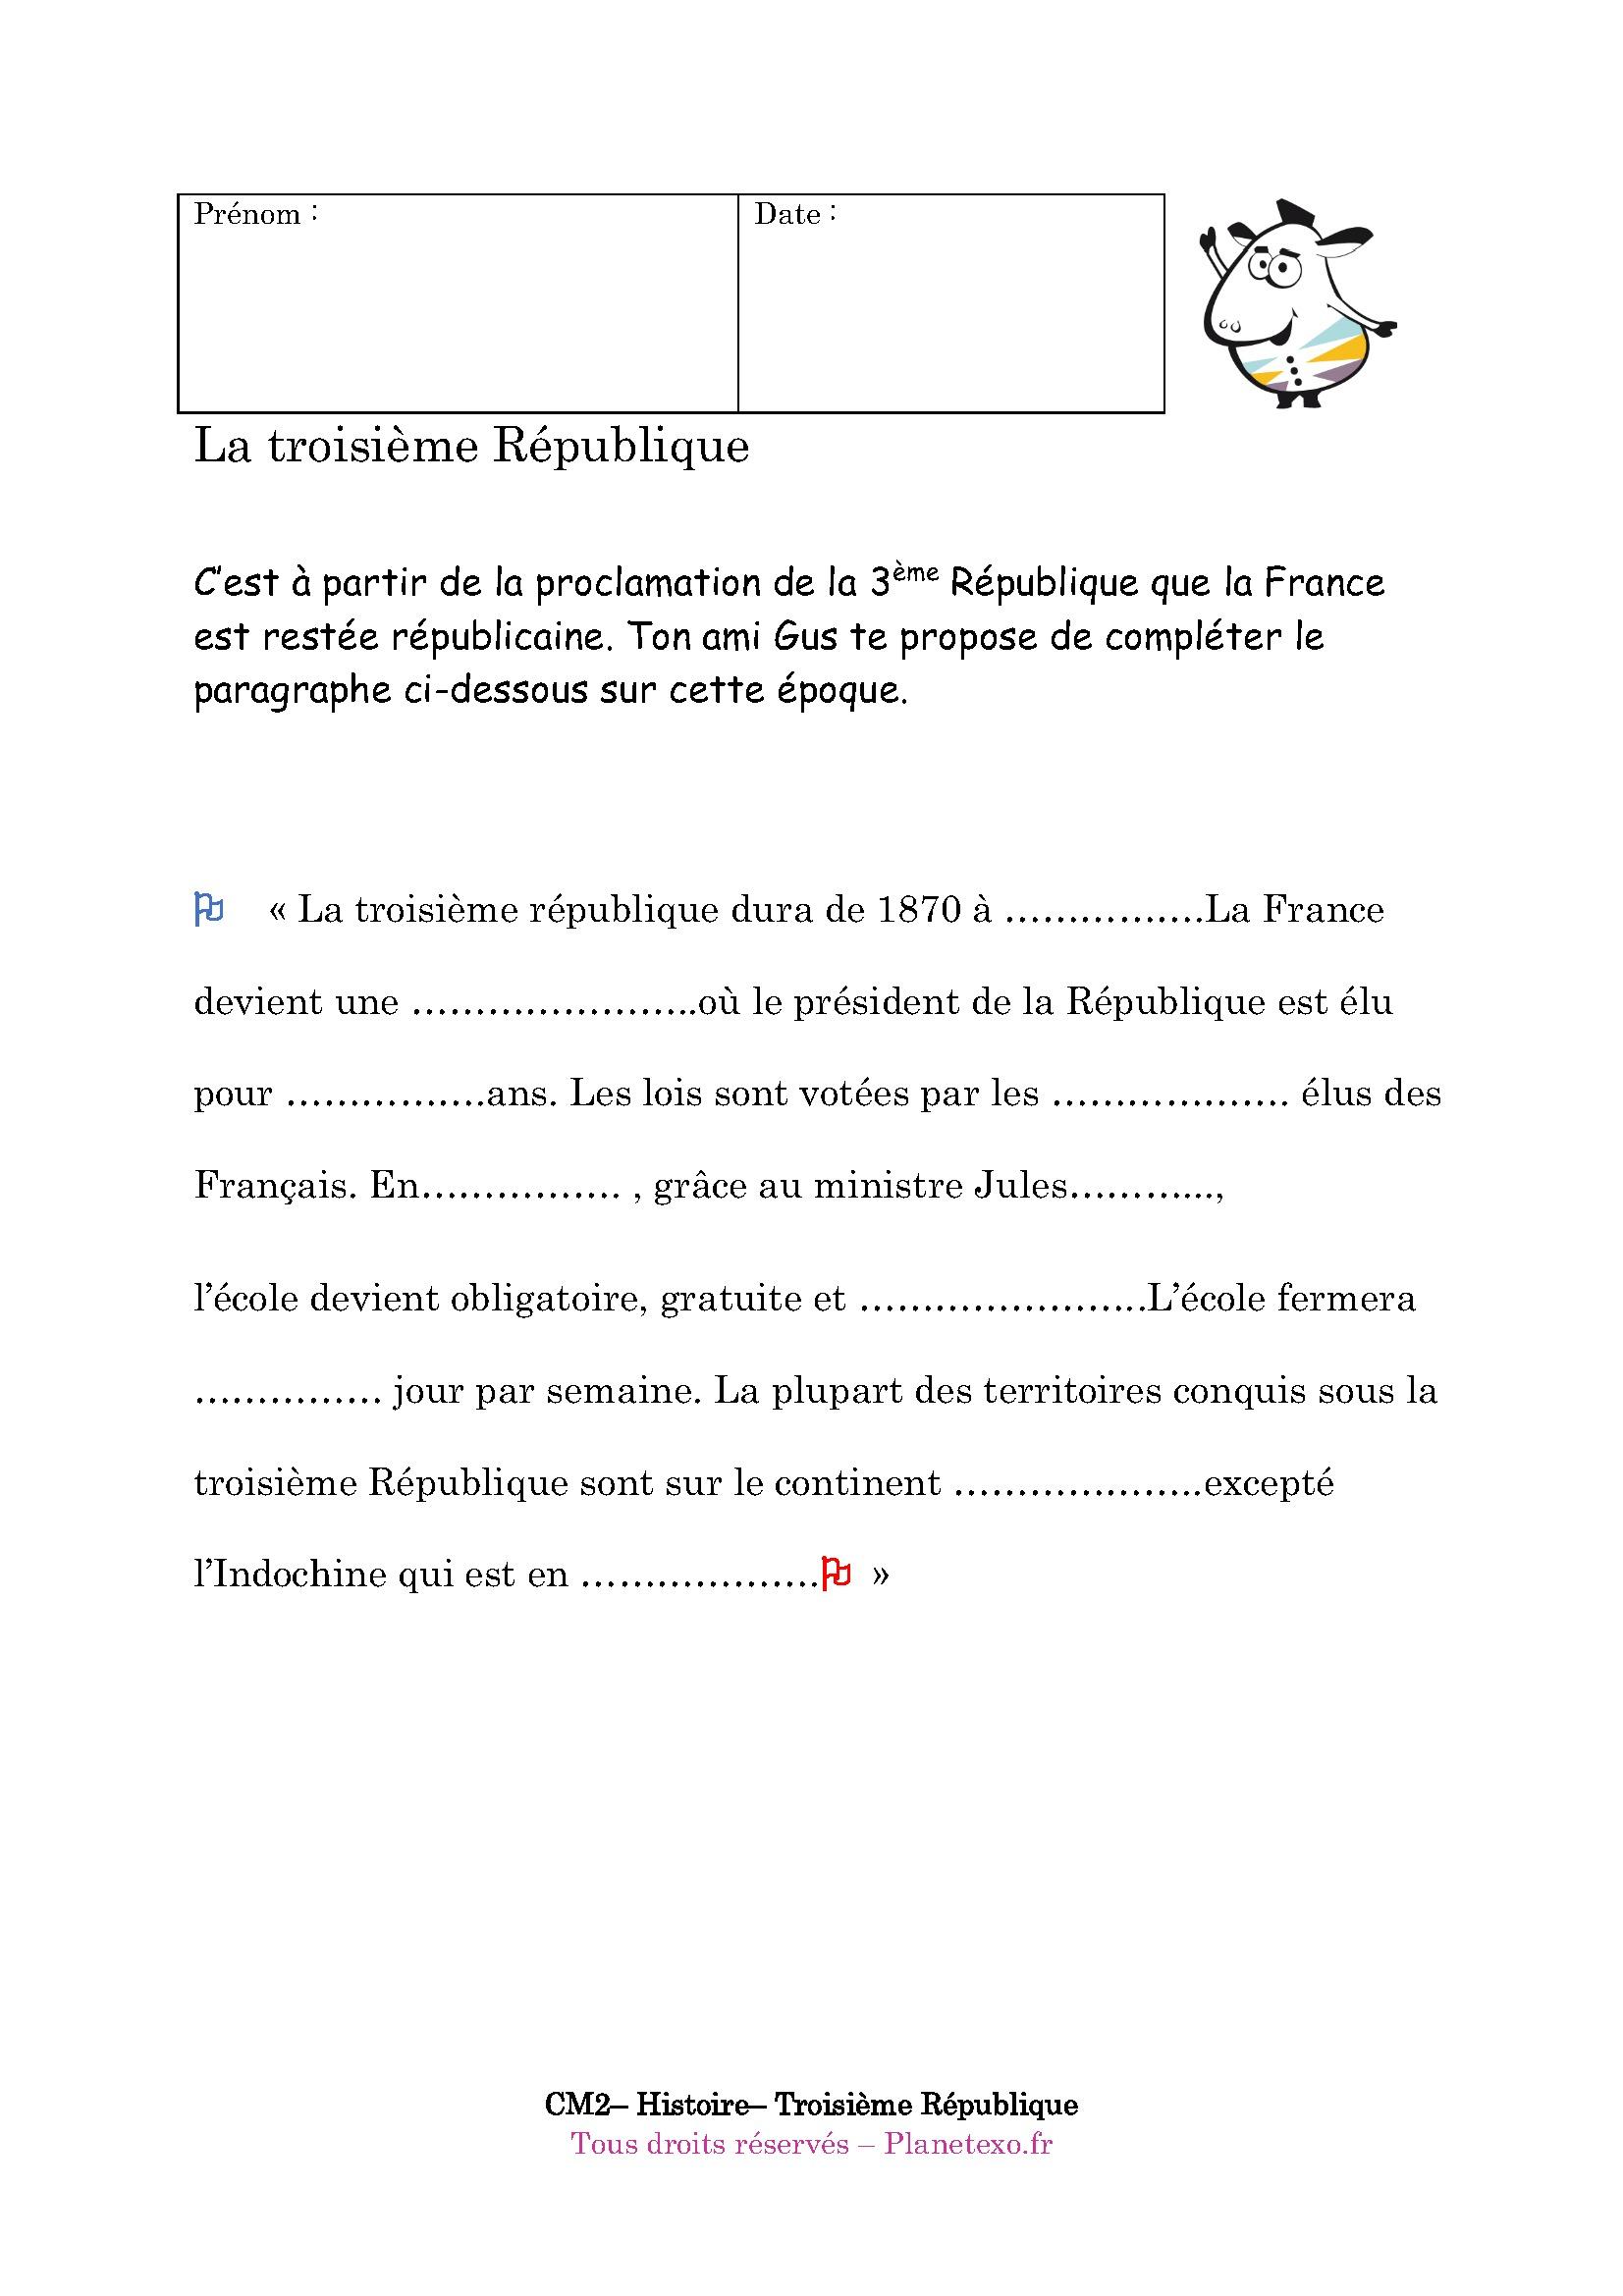 Exercice Corrigé Pour Le Cm2 : La Troisième République dedans Exercice Cm2 Gratuit